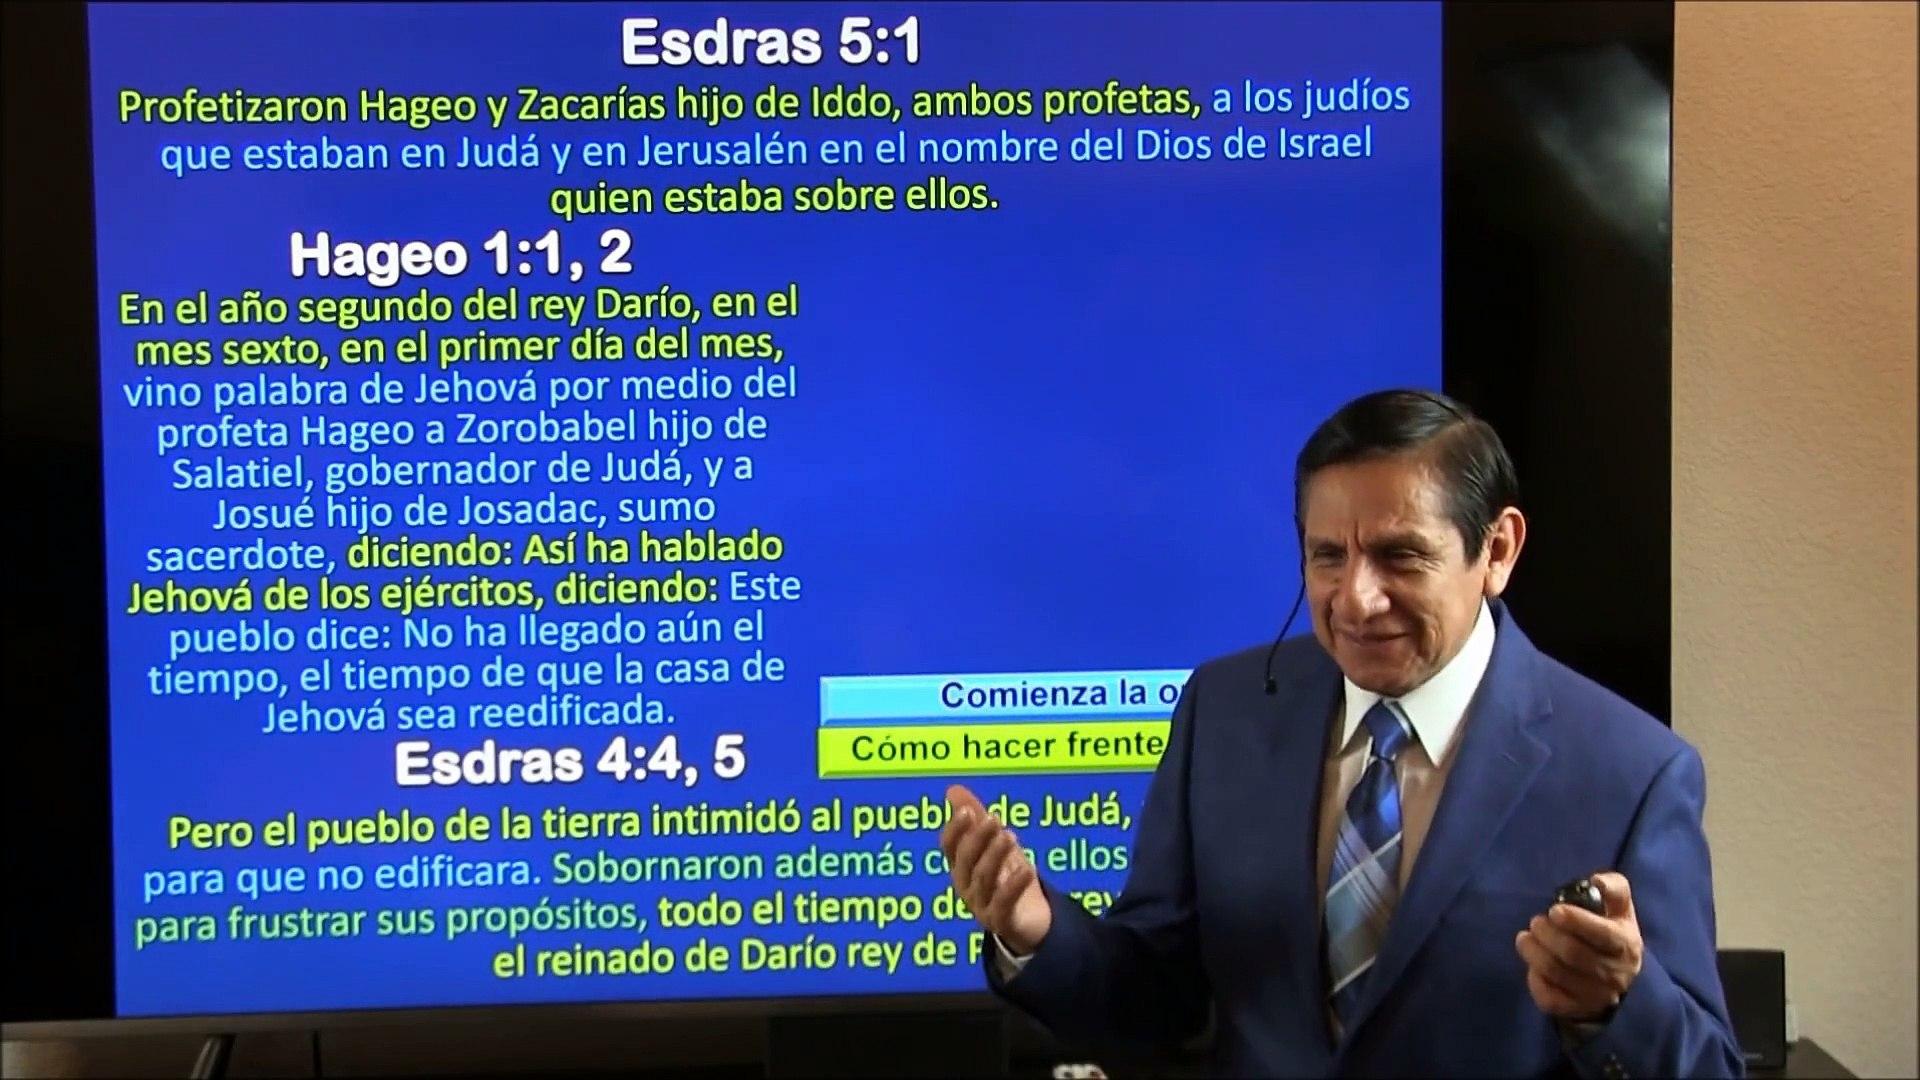 Lección 4: Cómo hacer frente a la oposición - Escuela sabatica 2000